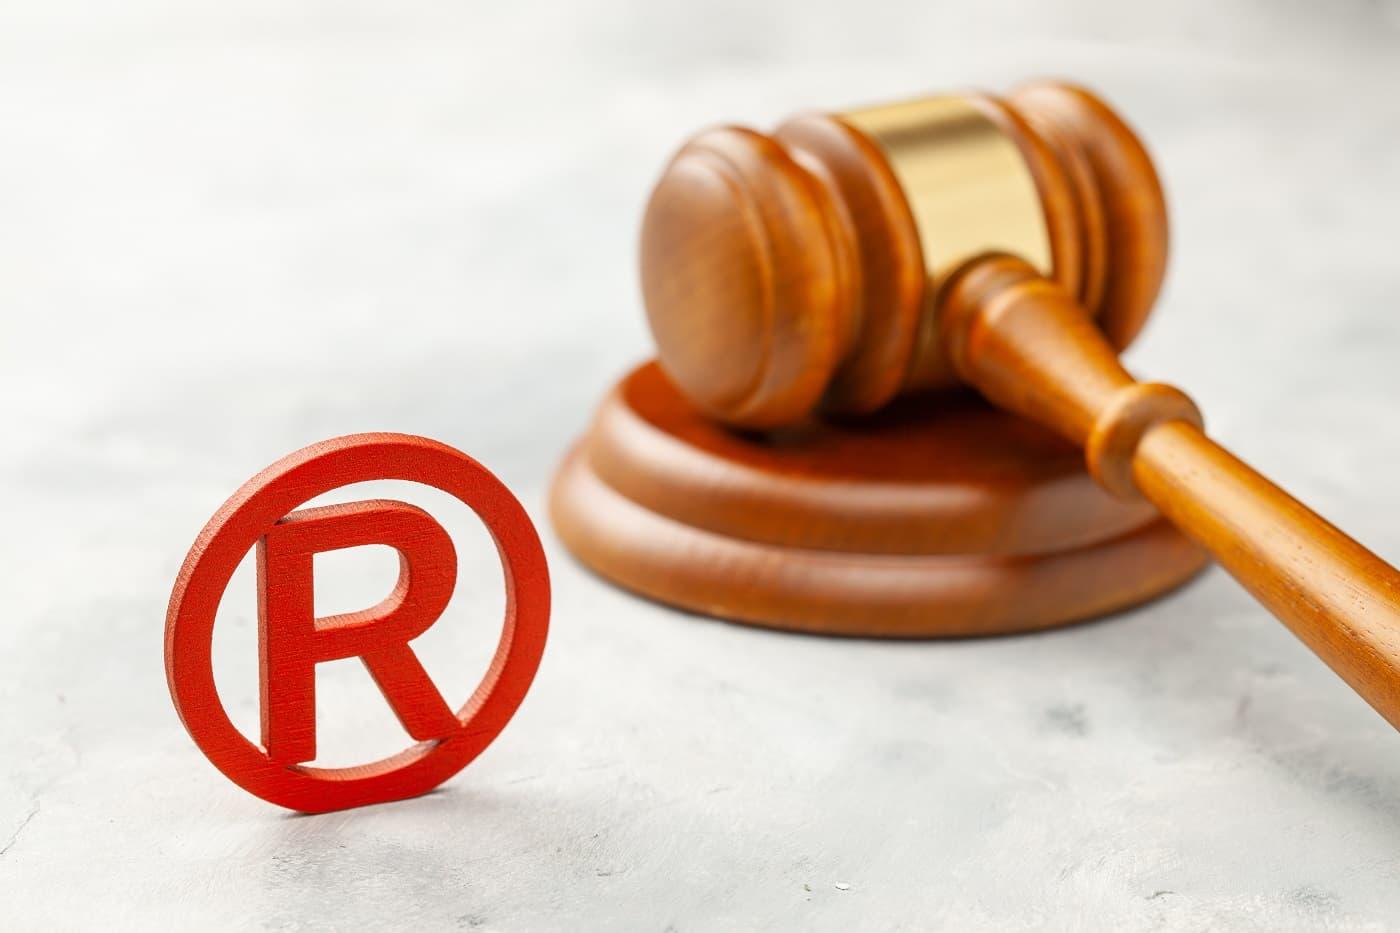 Litigio registro de propiedad intelectual